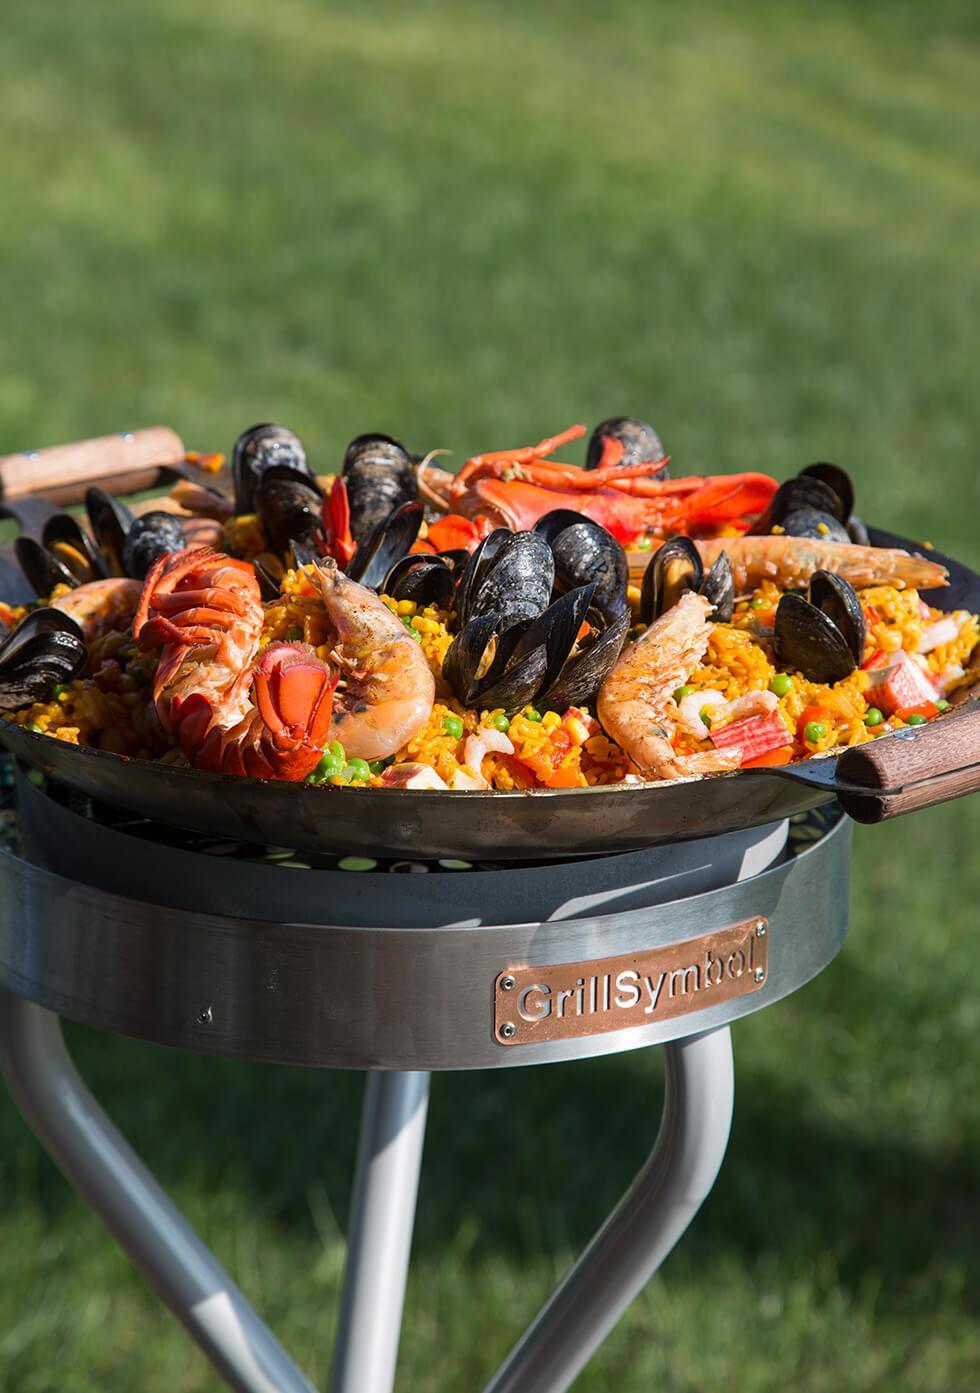 pannikomplektid, wok pannid, paellapannid, grillsymbol pannid, grillpannid, pannide tarvikud, pannikomplekt